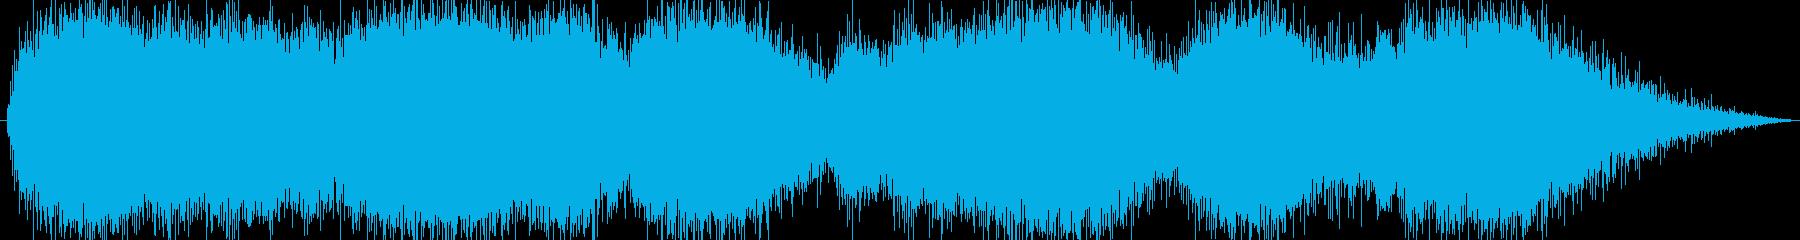 機械 ジグソーエンジンシーケンスロ...の再生済みの波形